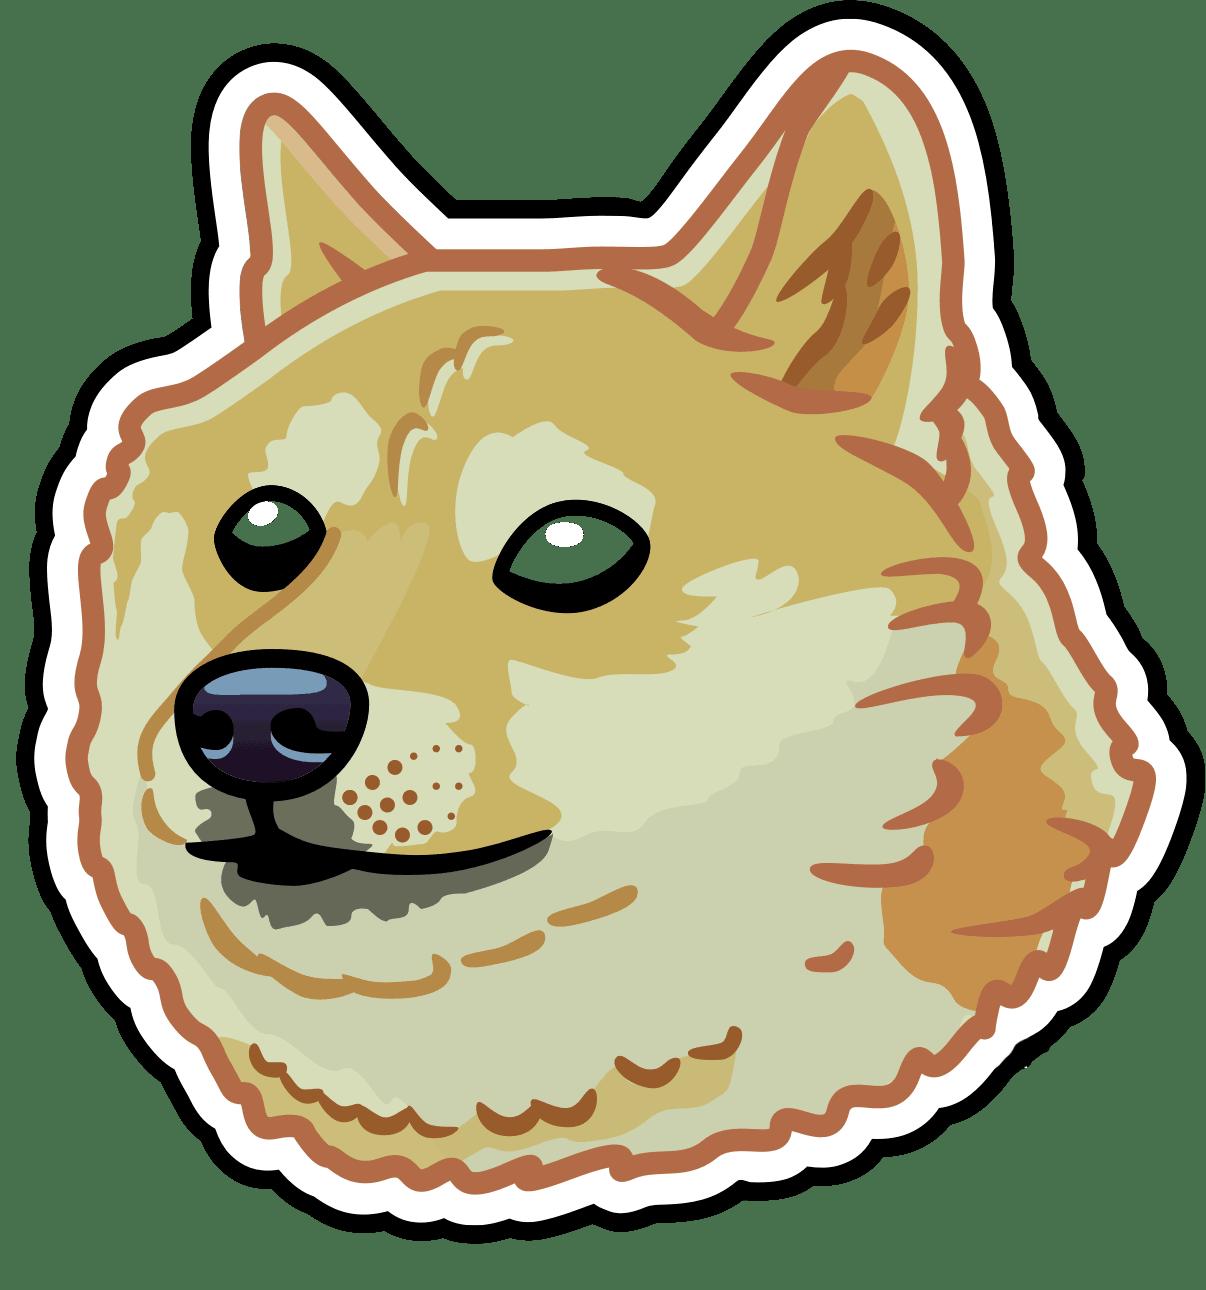 Illustration of Dog Dougsson the UpDog dog